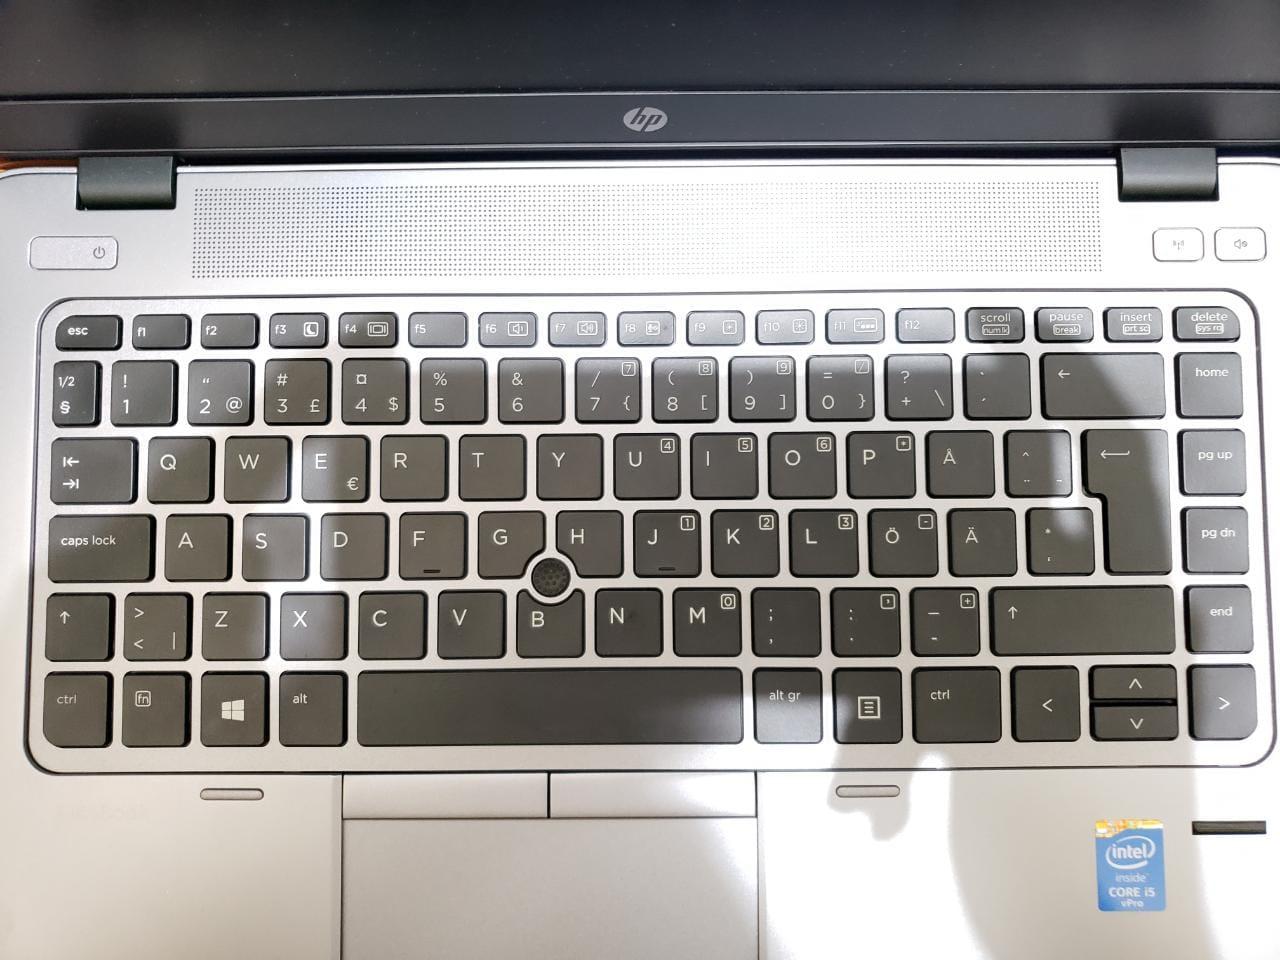 Keyboard Layout HP 840 G2 dca5f669-9ced-4dd6-b95f-f0b04ec214d2?upload=true.jpg